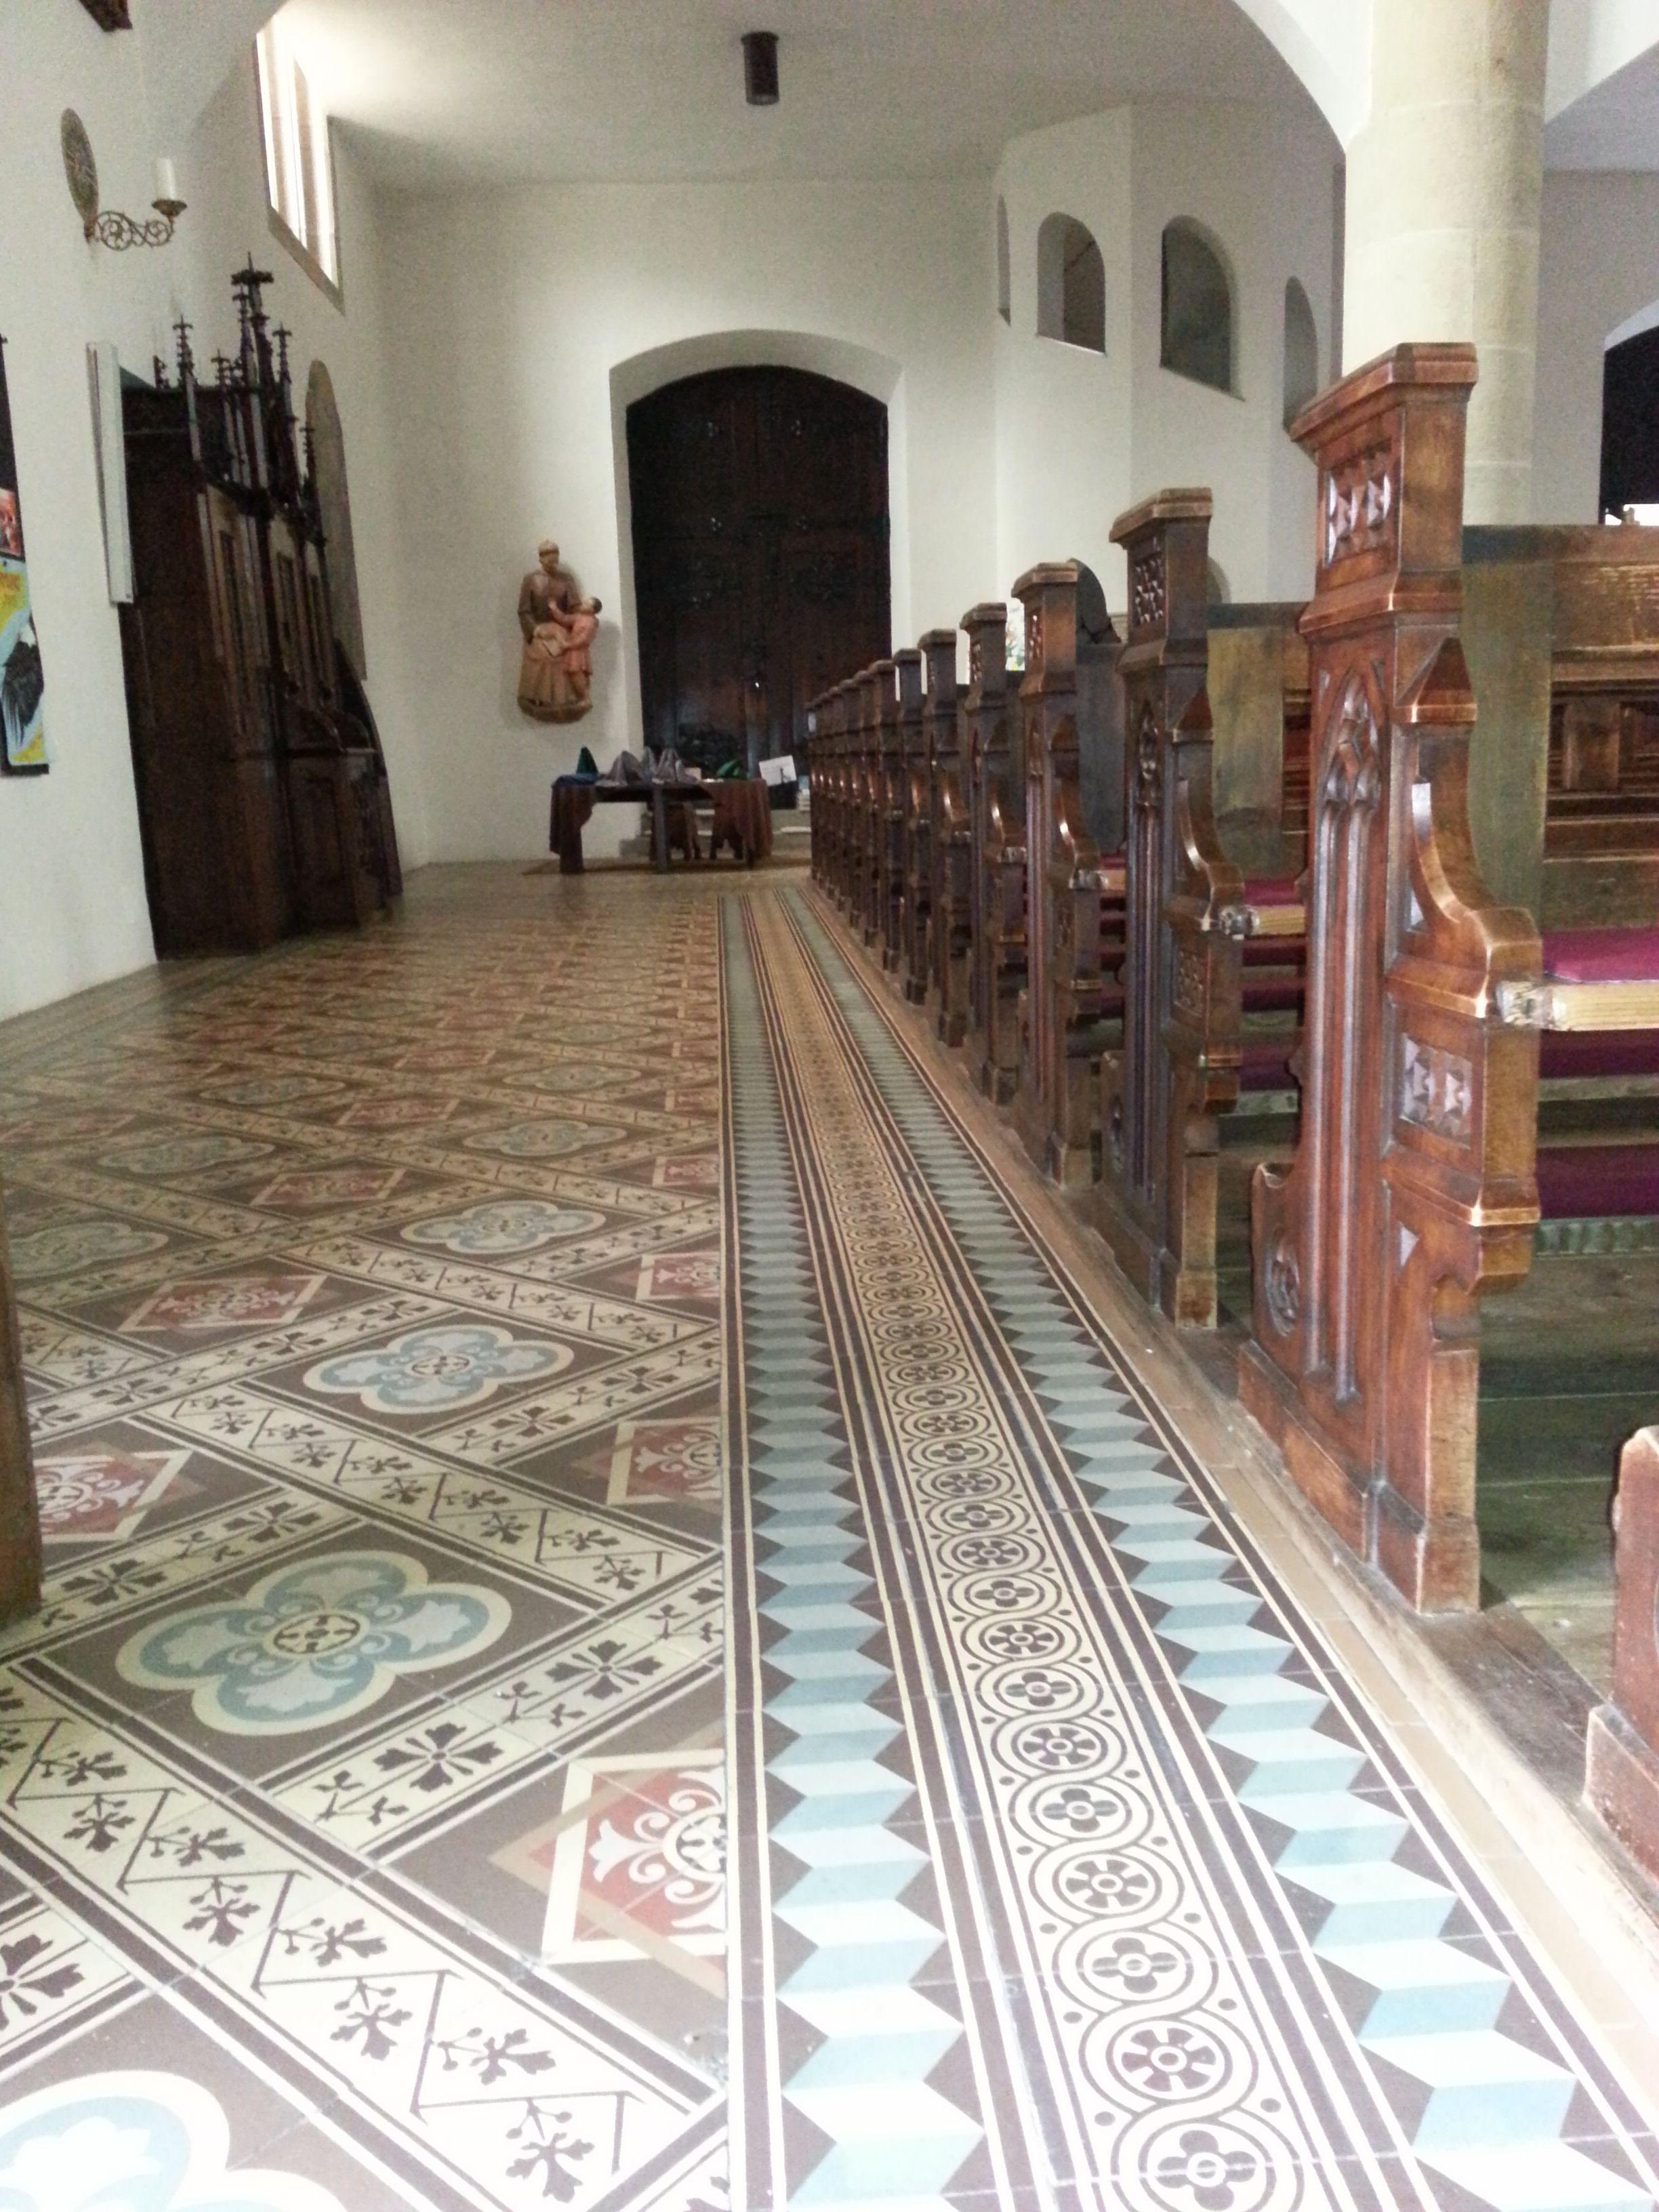 Wunderschöne #Zementfliesen in einer Kirche in Tramin, Südtirol ...